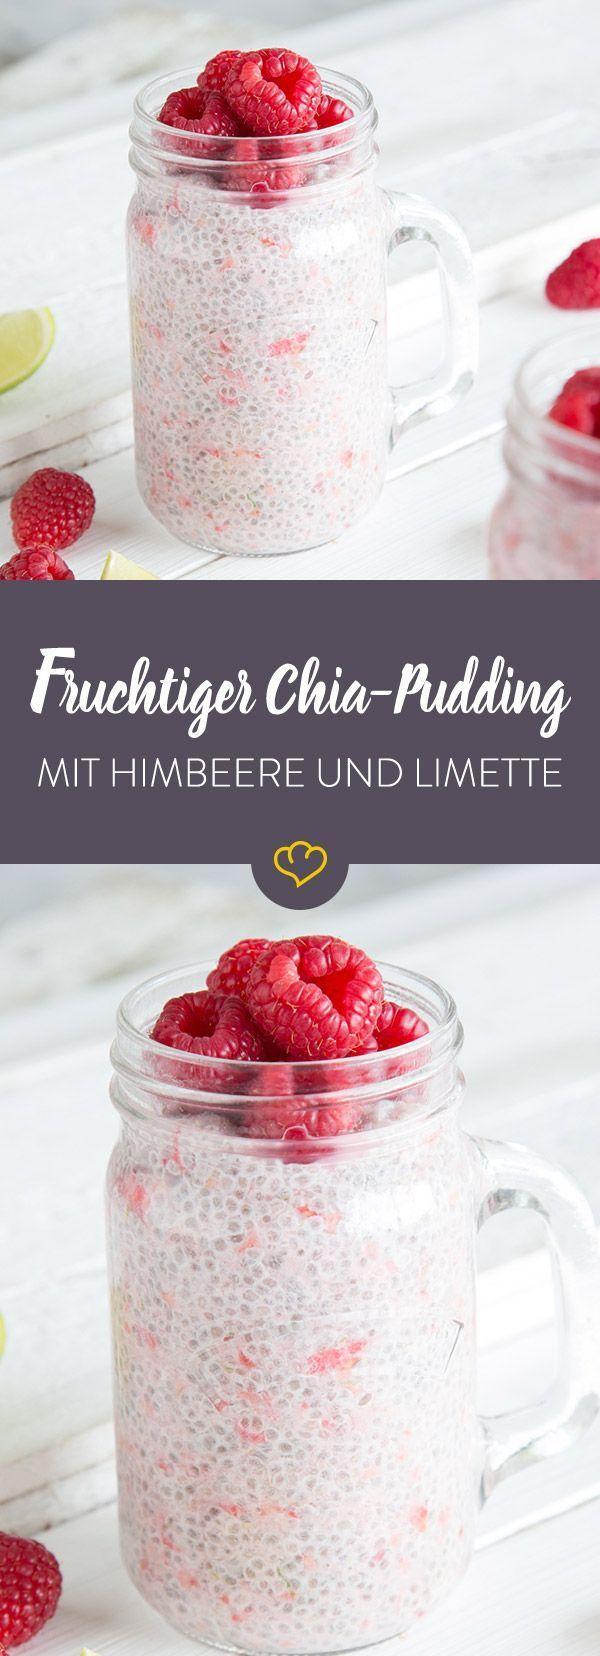 Fruchtiger Chia-Pudding mit Himbeeren und Limette